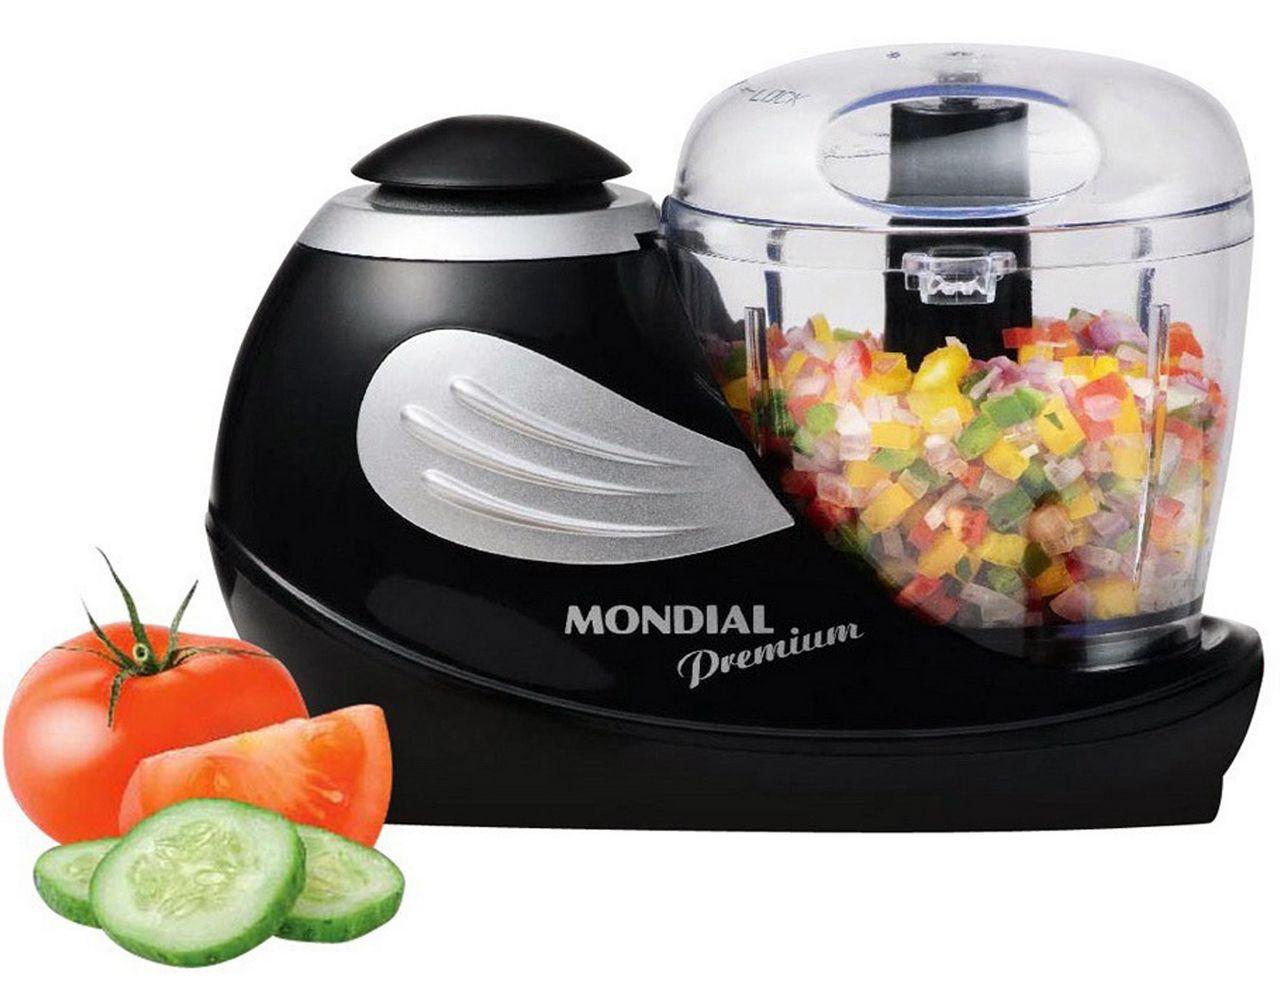 Mini Processador Alimentos Moedor Triturador Legumes Frutas Resistente Pequeno Moderno Cozinha Aço Inoxidável Mondial